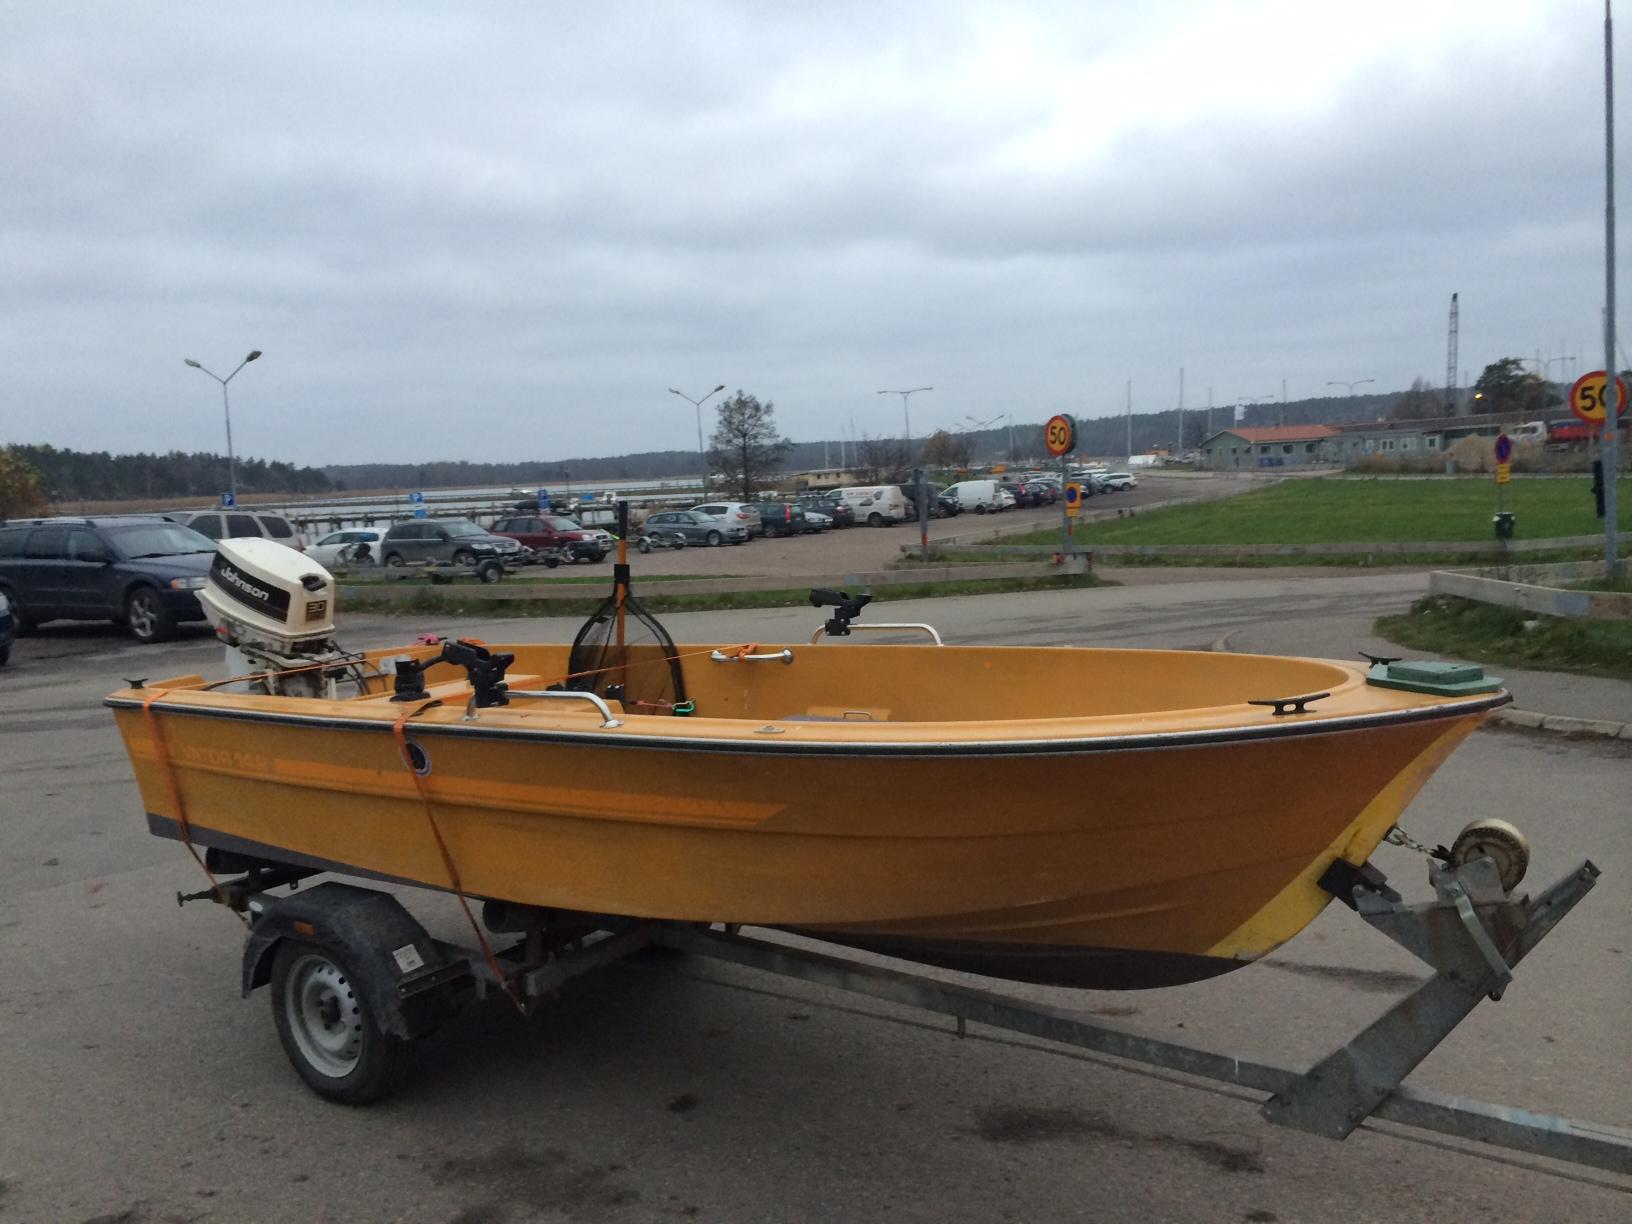 Jakobs Vator 14r med en 30 hkr på - mycket fin skapelse. 3:e gula båten i vårt gäng.